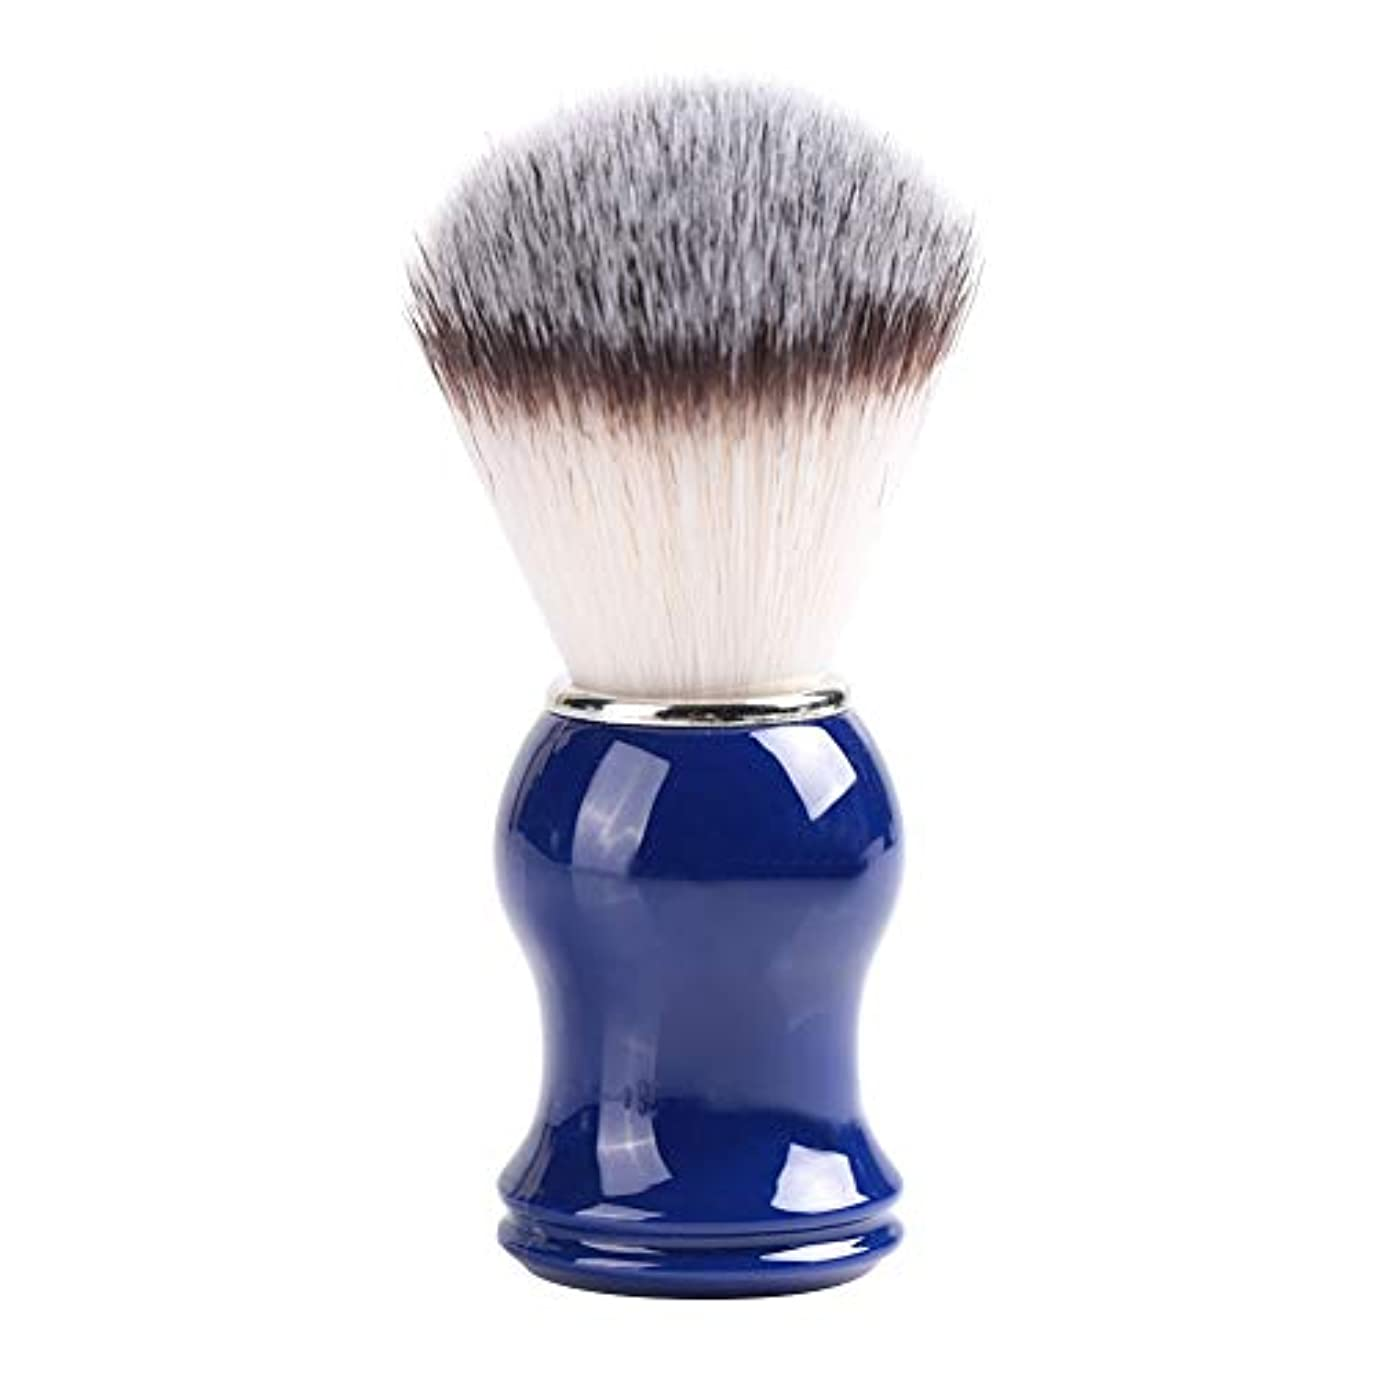 思いやりのある美しい糞Nitrip シェービングブラシ ひげブラシ ひげケア 理容 洗顔 髭剃り 泡立ち 男性用 2色(剛毛+青)